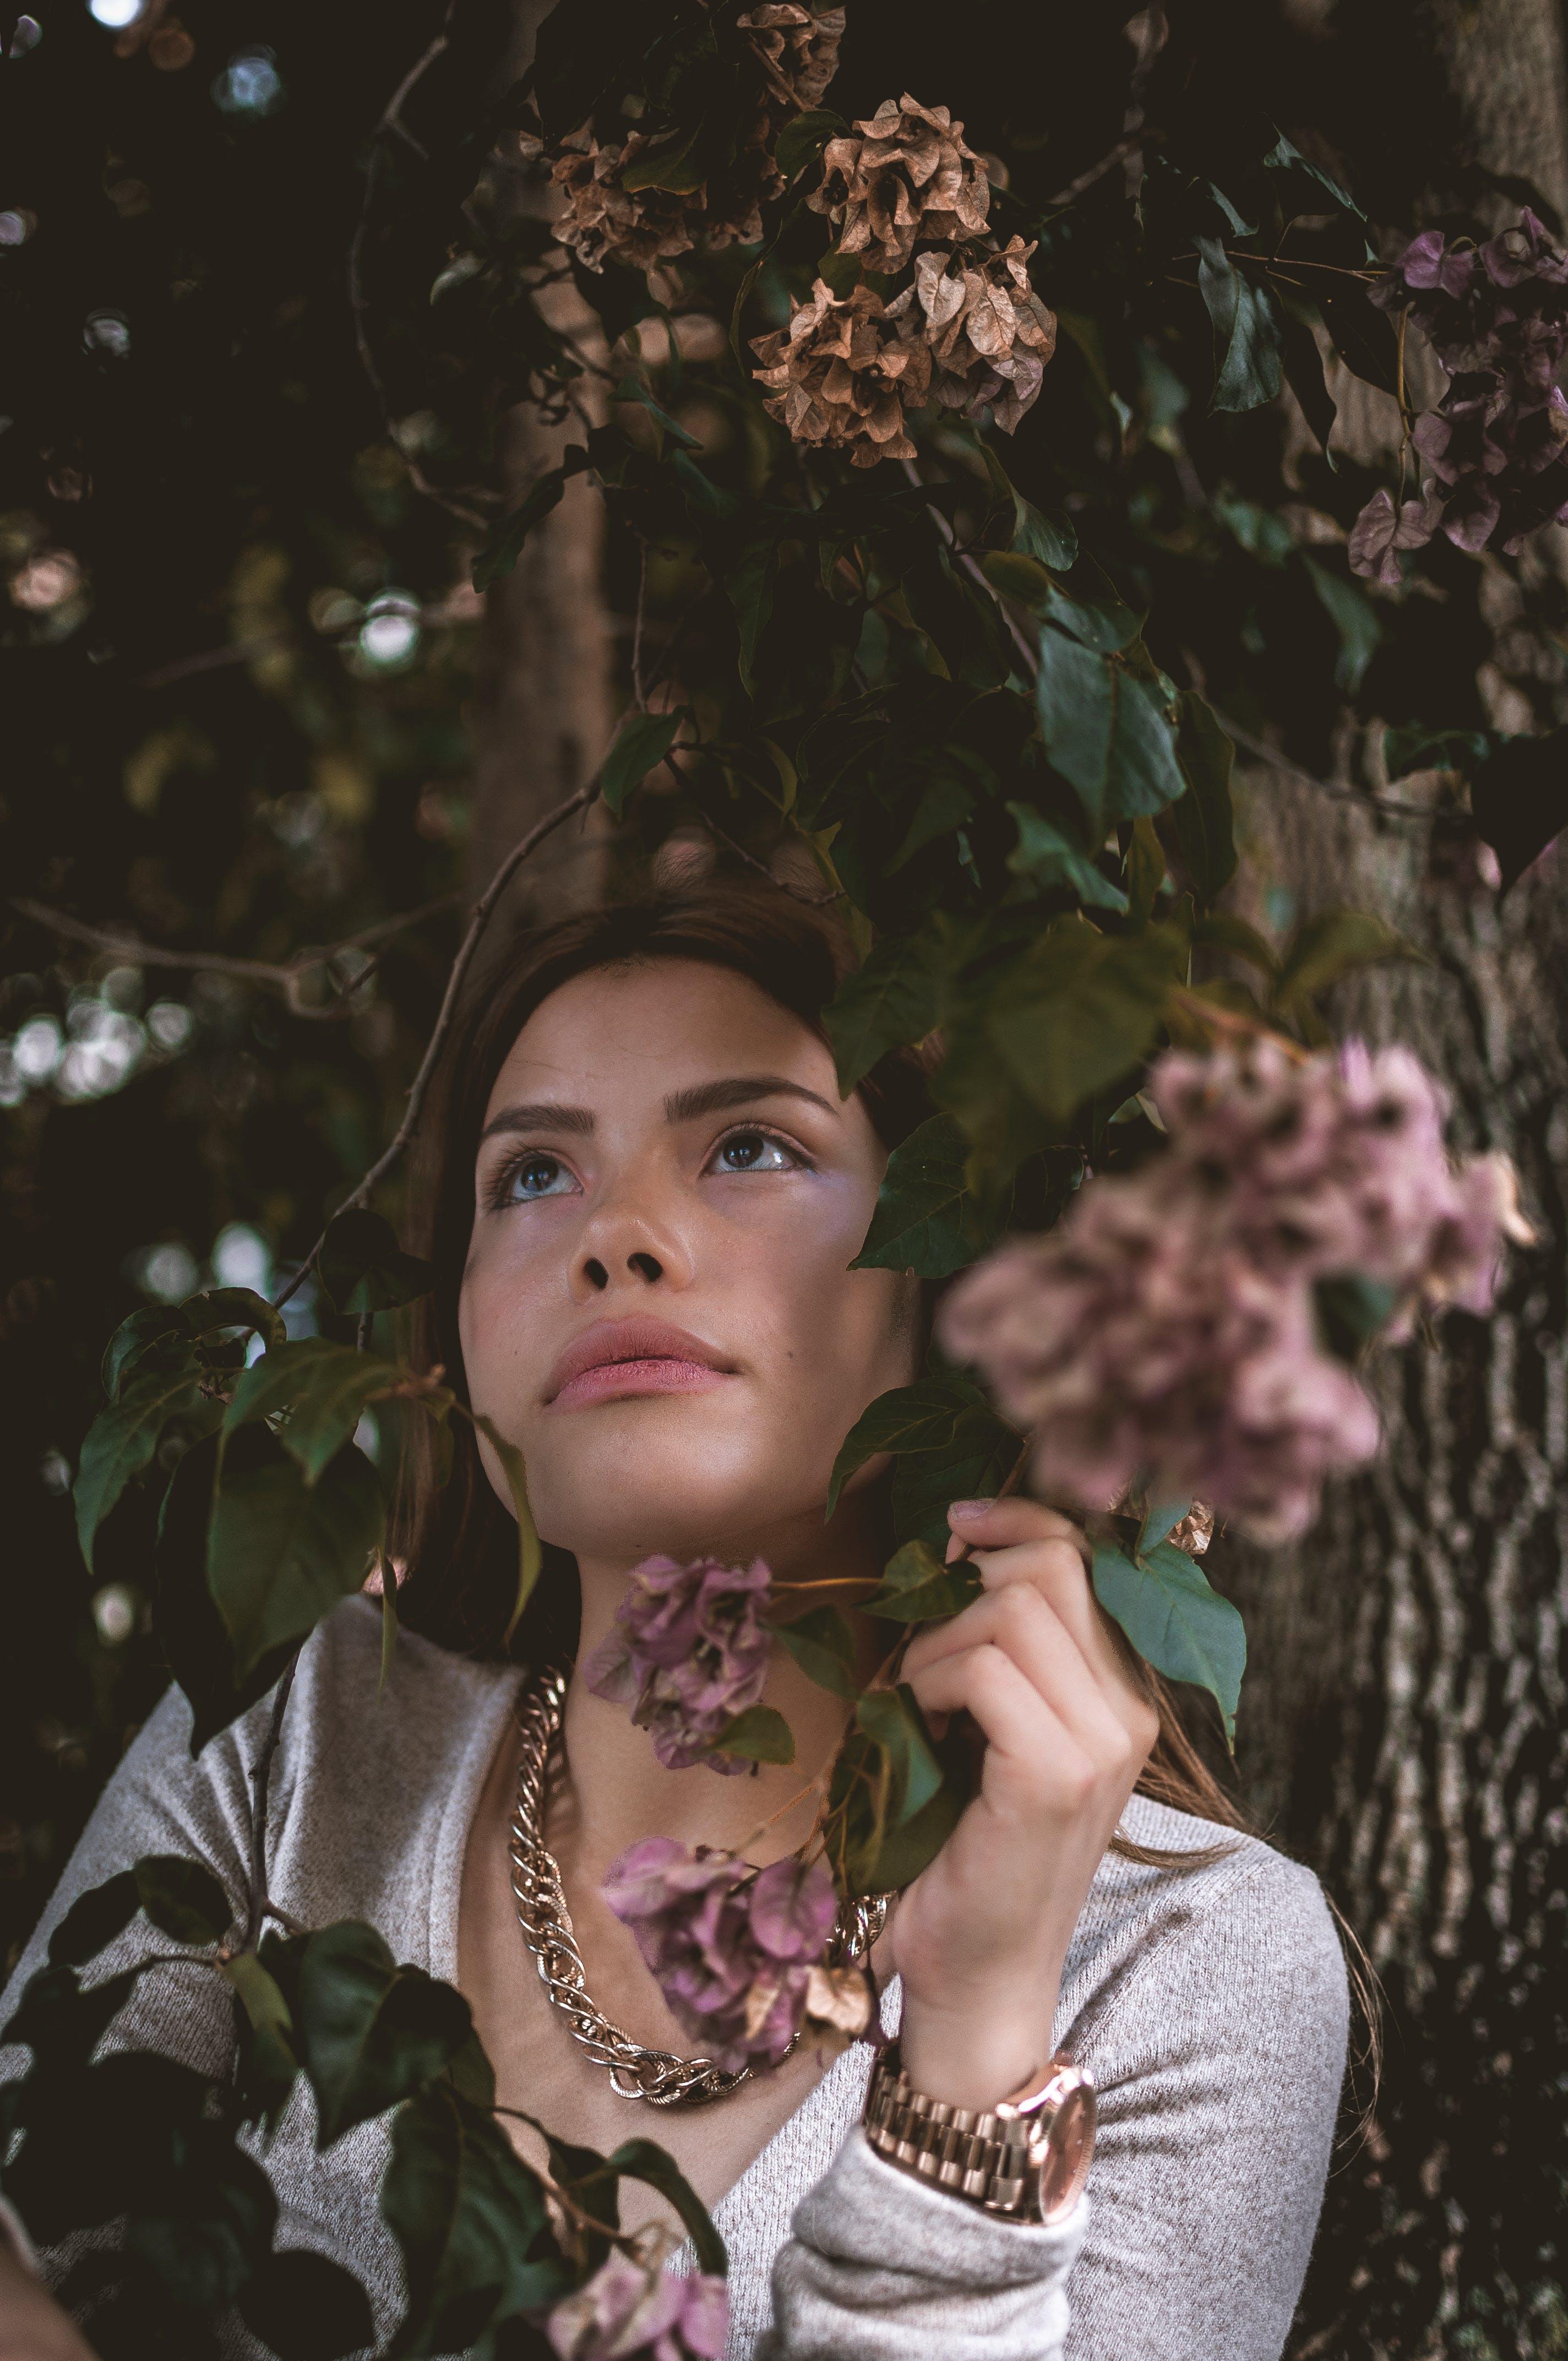 Kostnadsfri bild av ansiktsuttryck, armbandsur, attraktiv, blommor